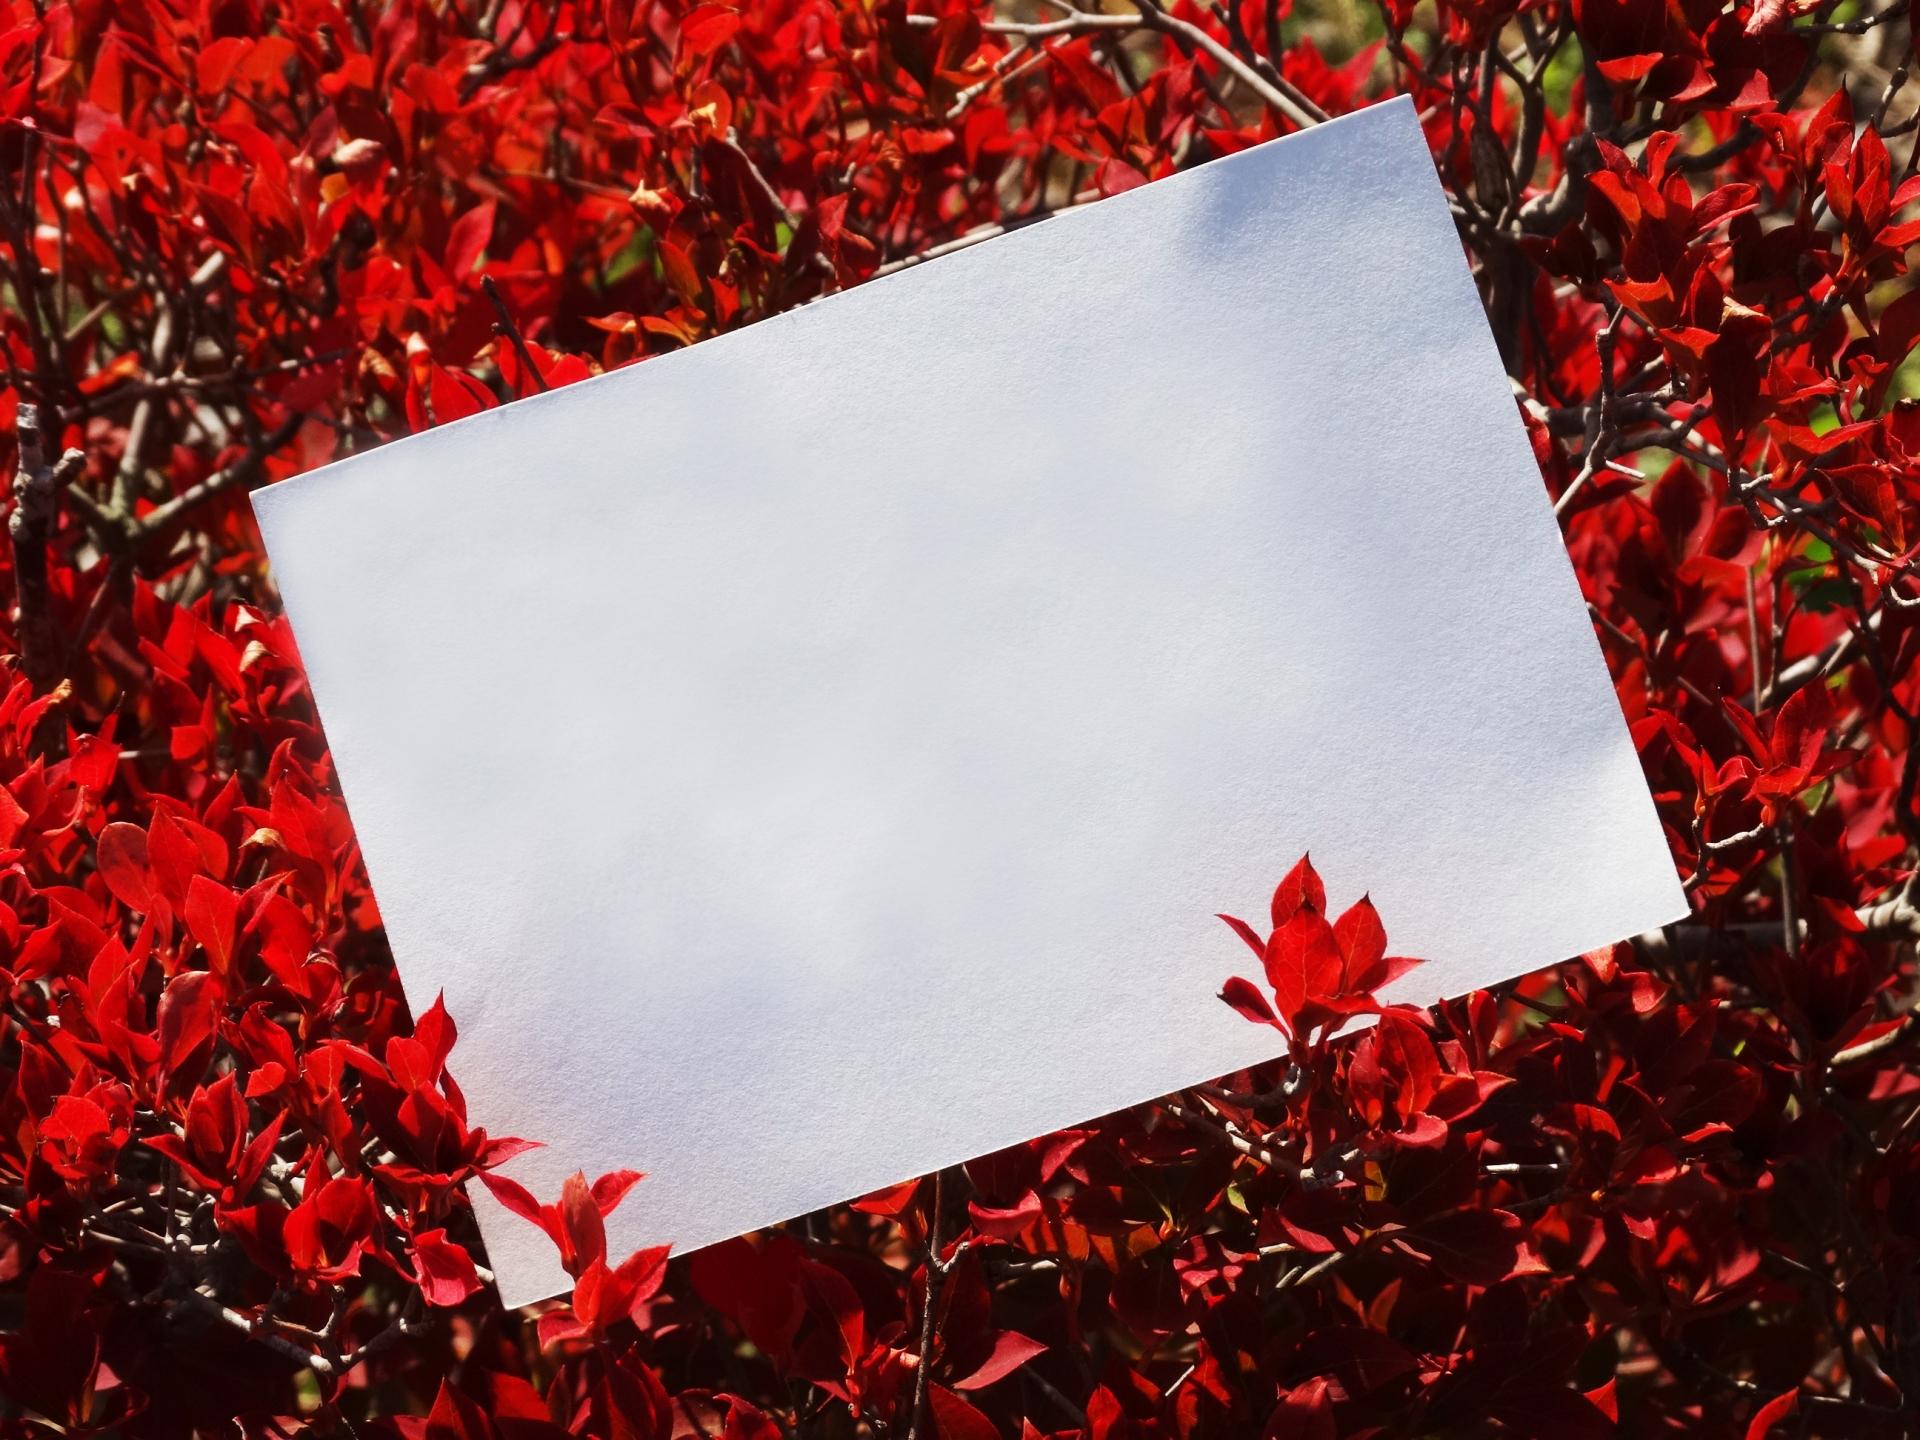 お歳暮お礼状をはがきで送ろう!文例・例文と使えるイラストを紹介!